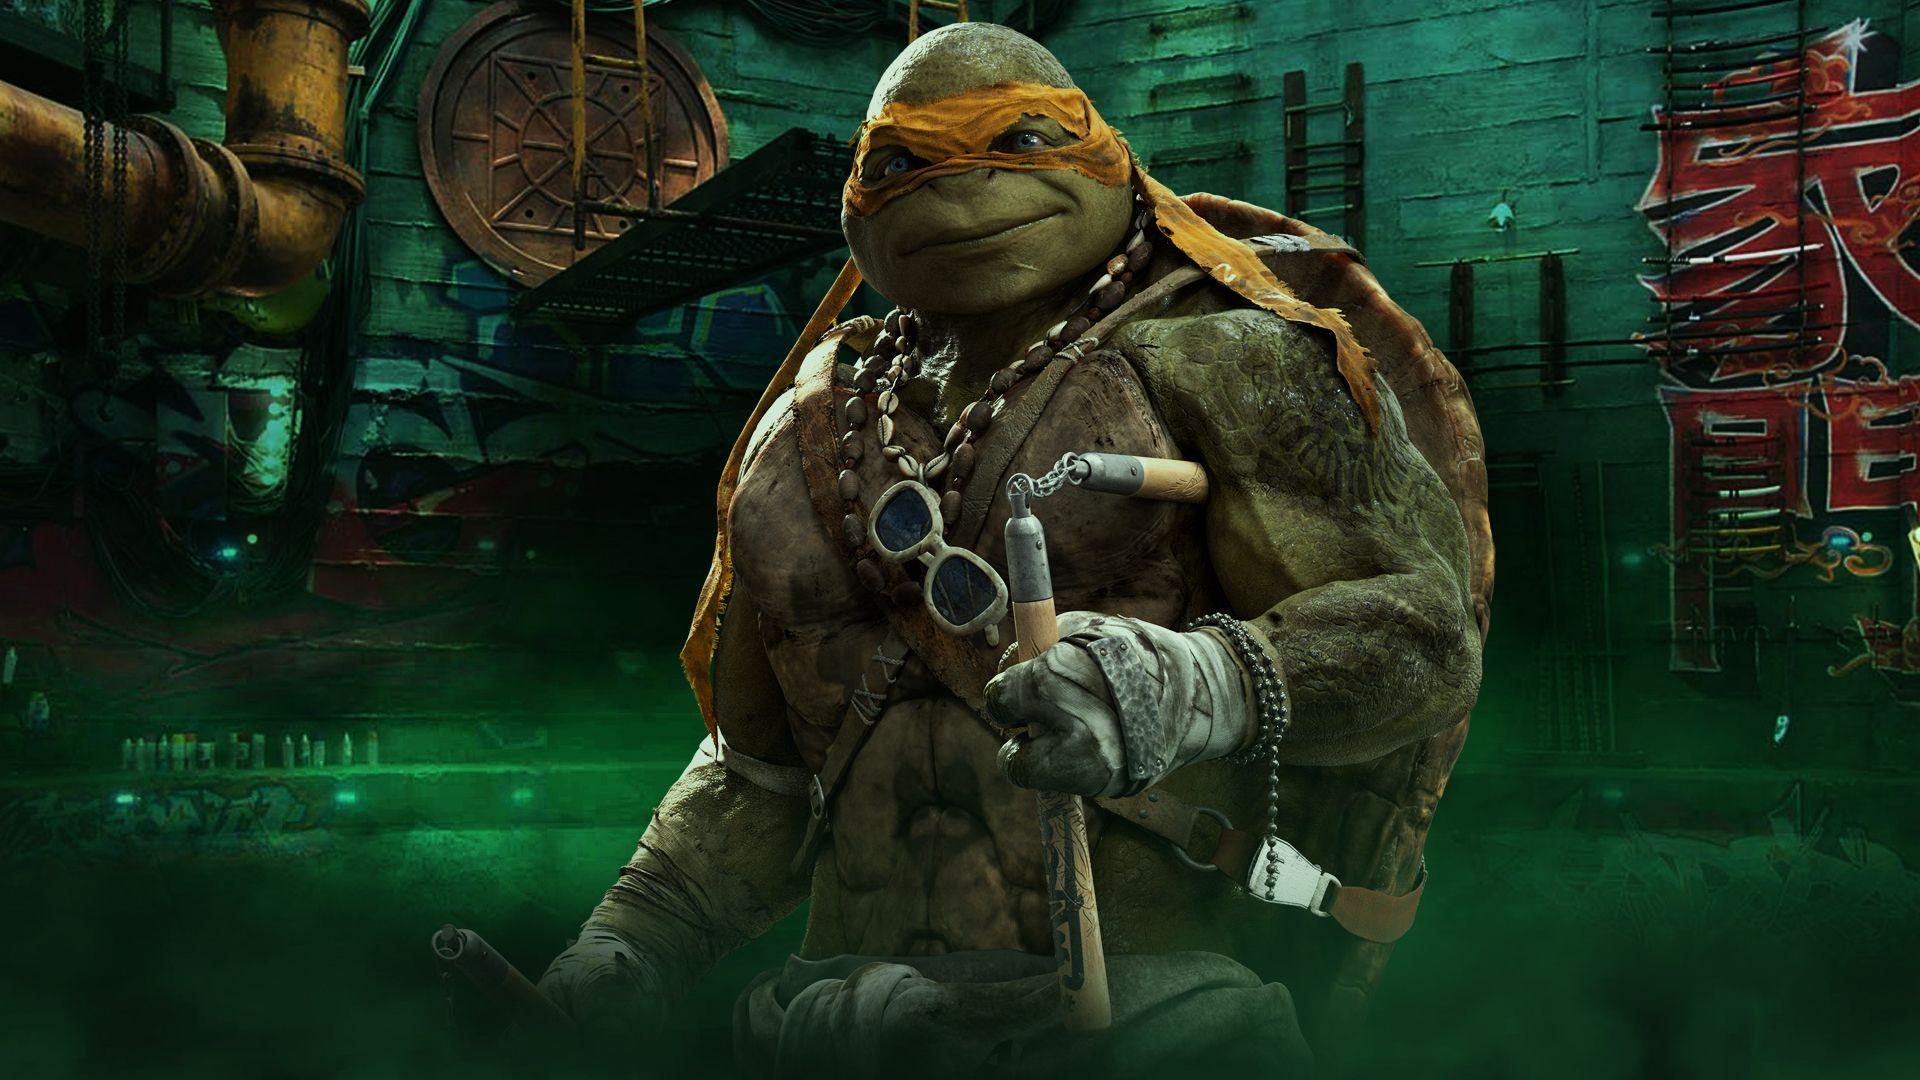 Michelangelo Ninja Turtle Wallpapers Top Free Michelangelo Ninja